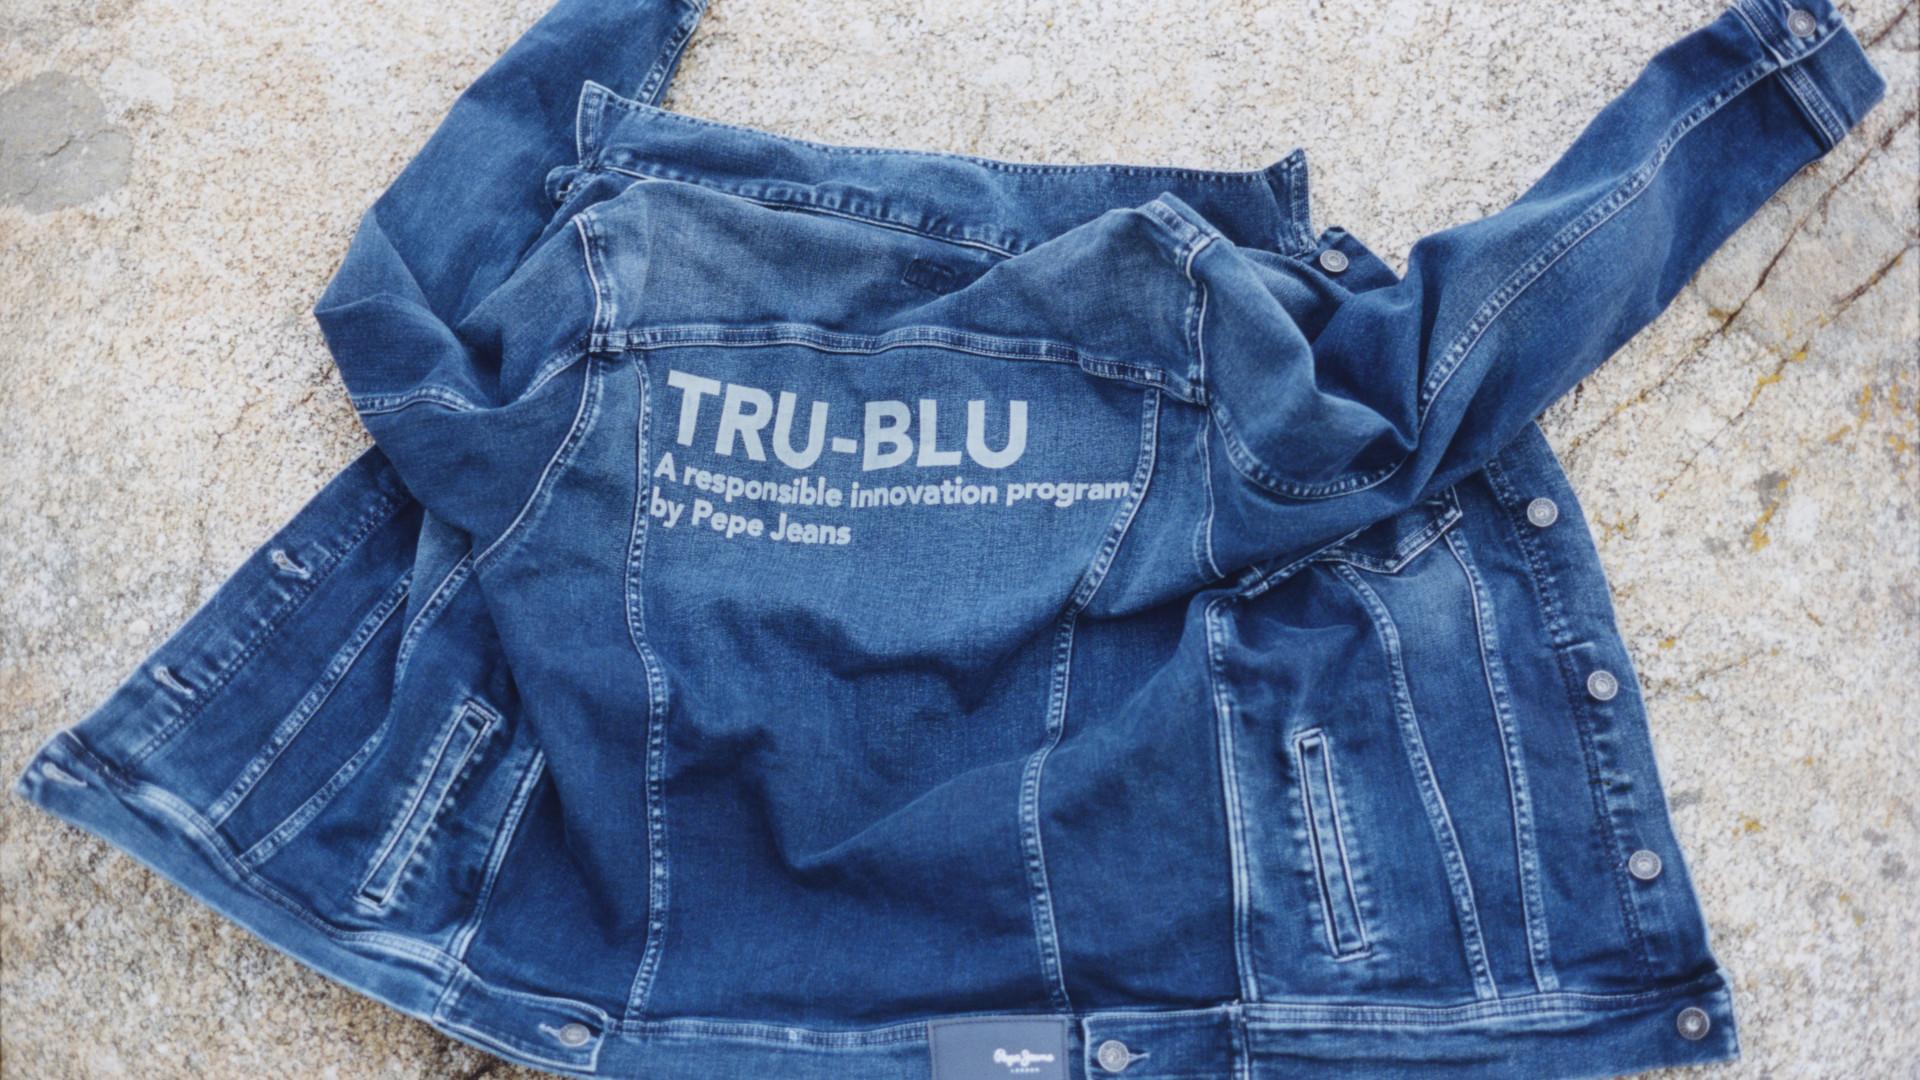 Tru Blu: O programa sustentável que quer mudar mentalidades